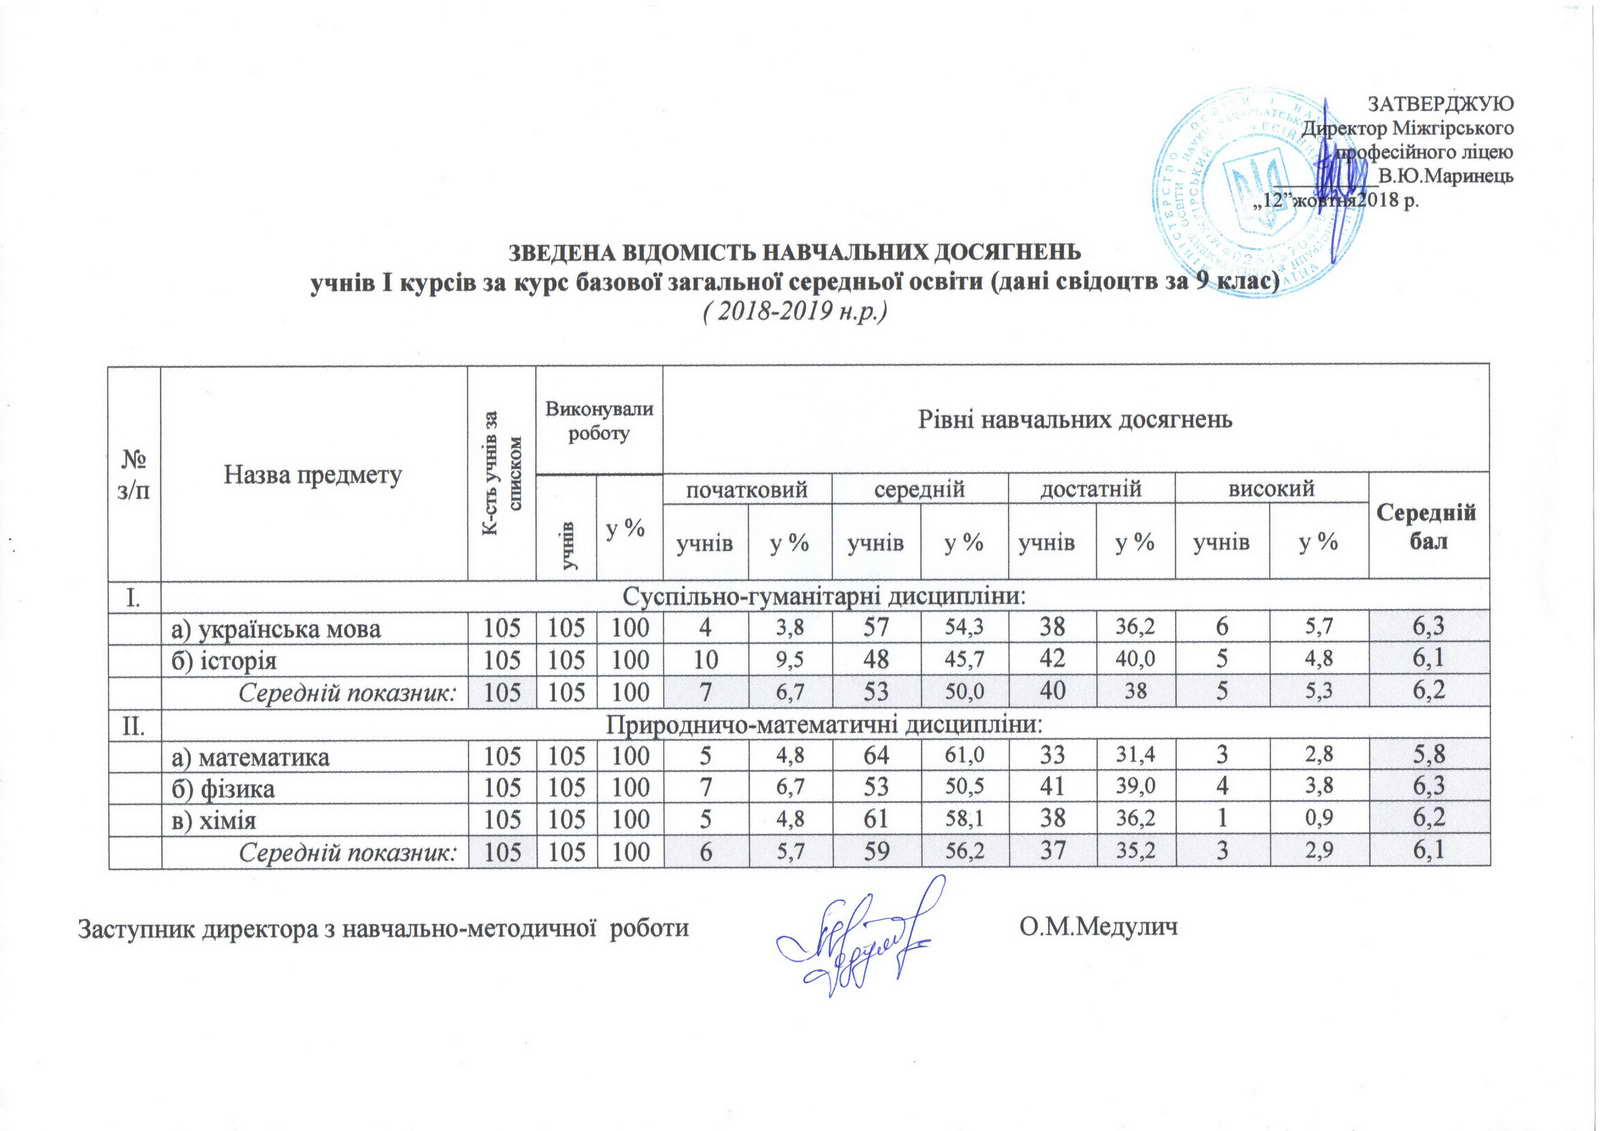 Зведена відомість навчальних досягнень учнів І курсів за курс загальної середньої освіти(дані свідоцтв за 9 клас)